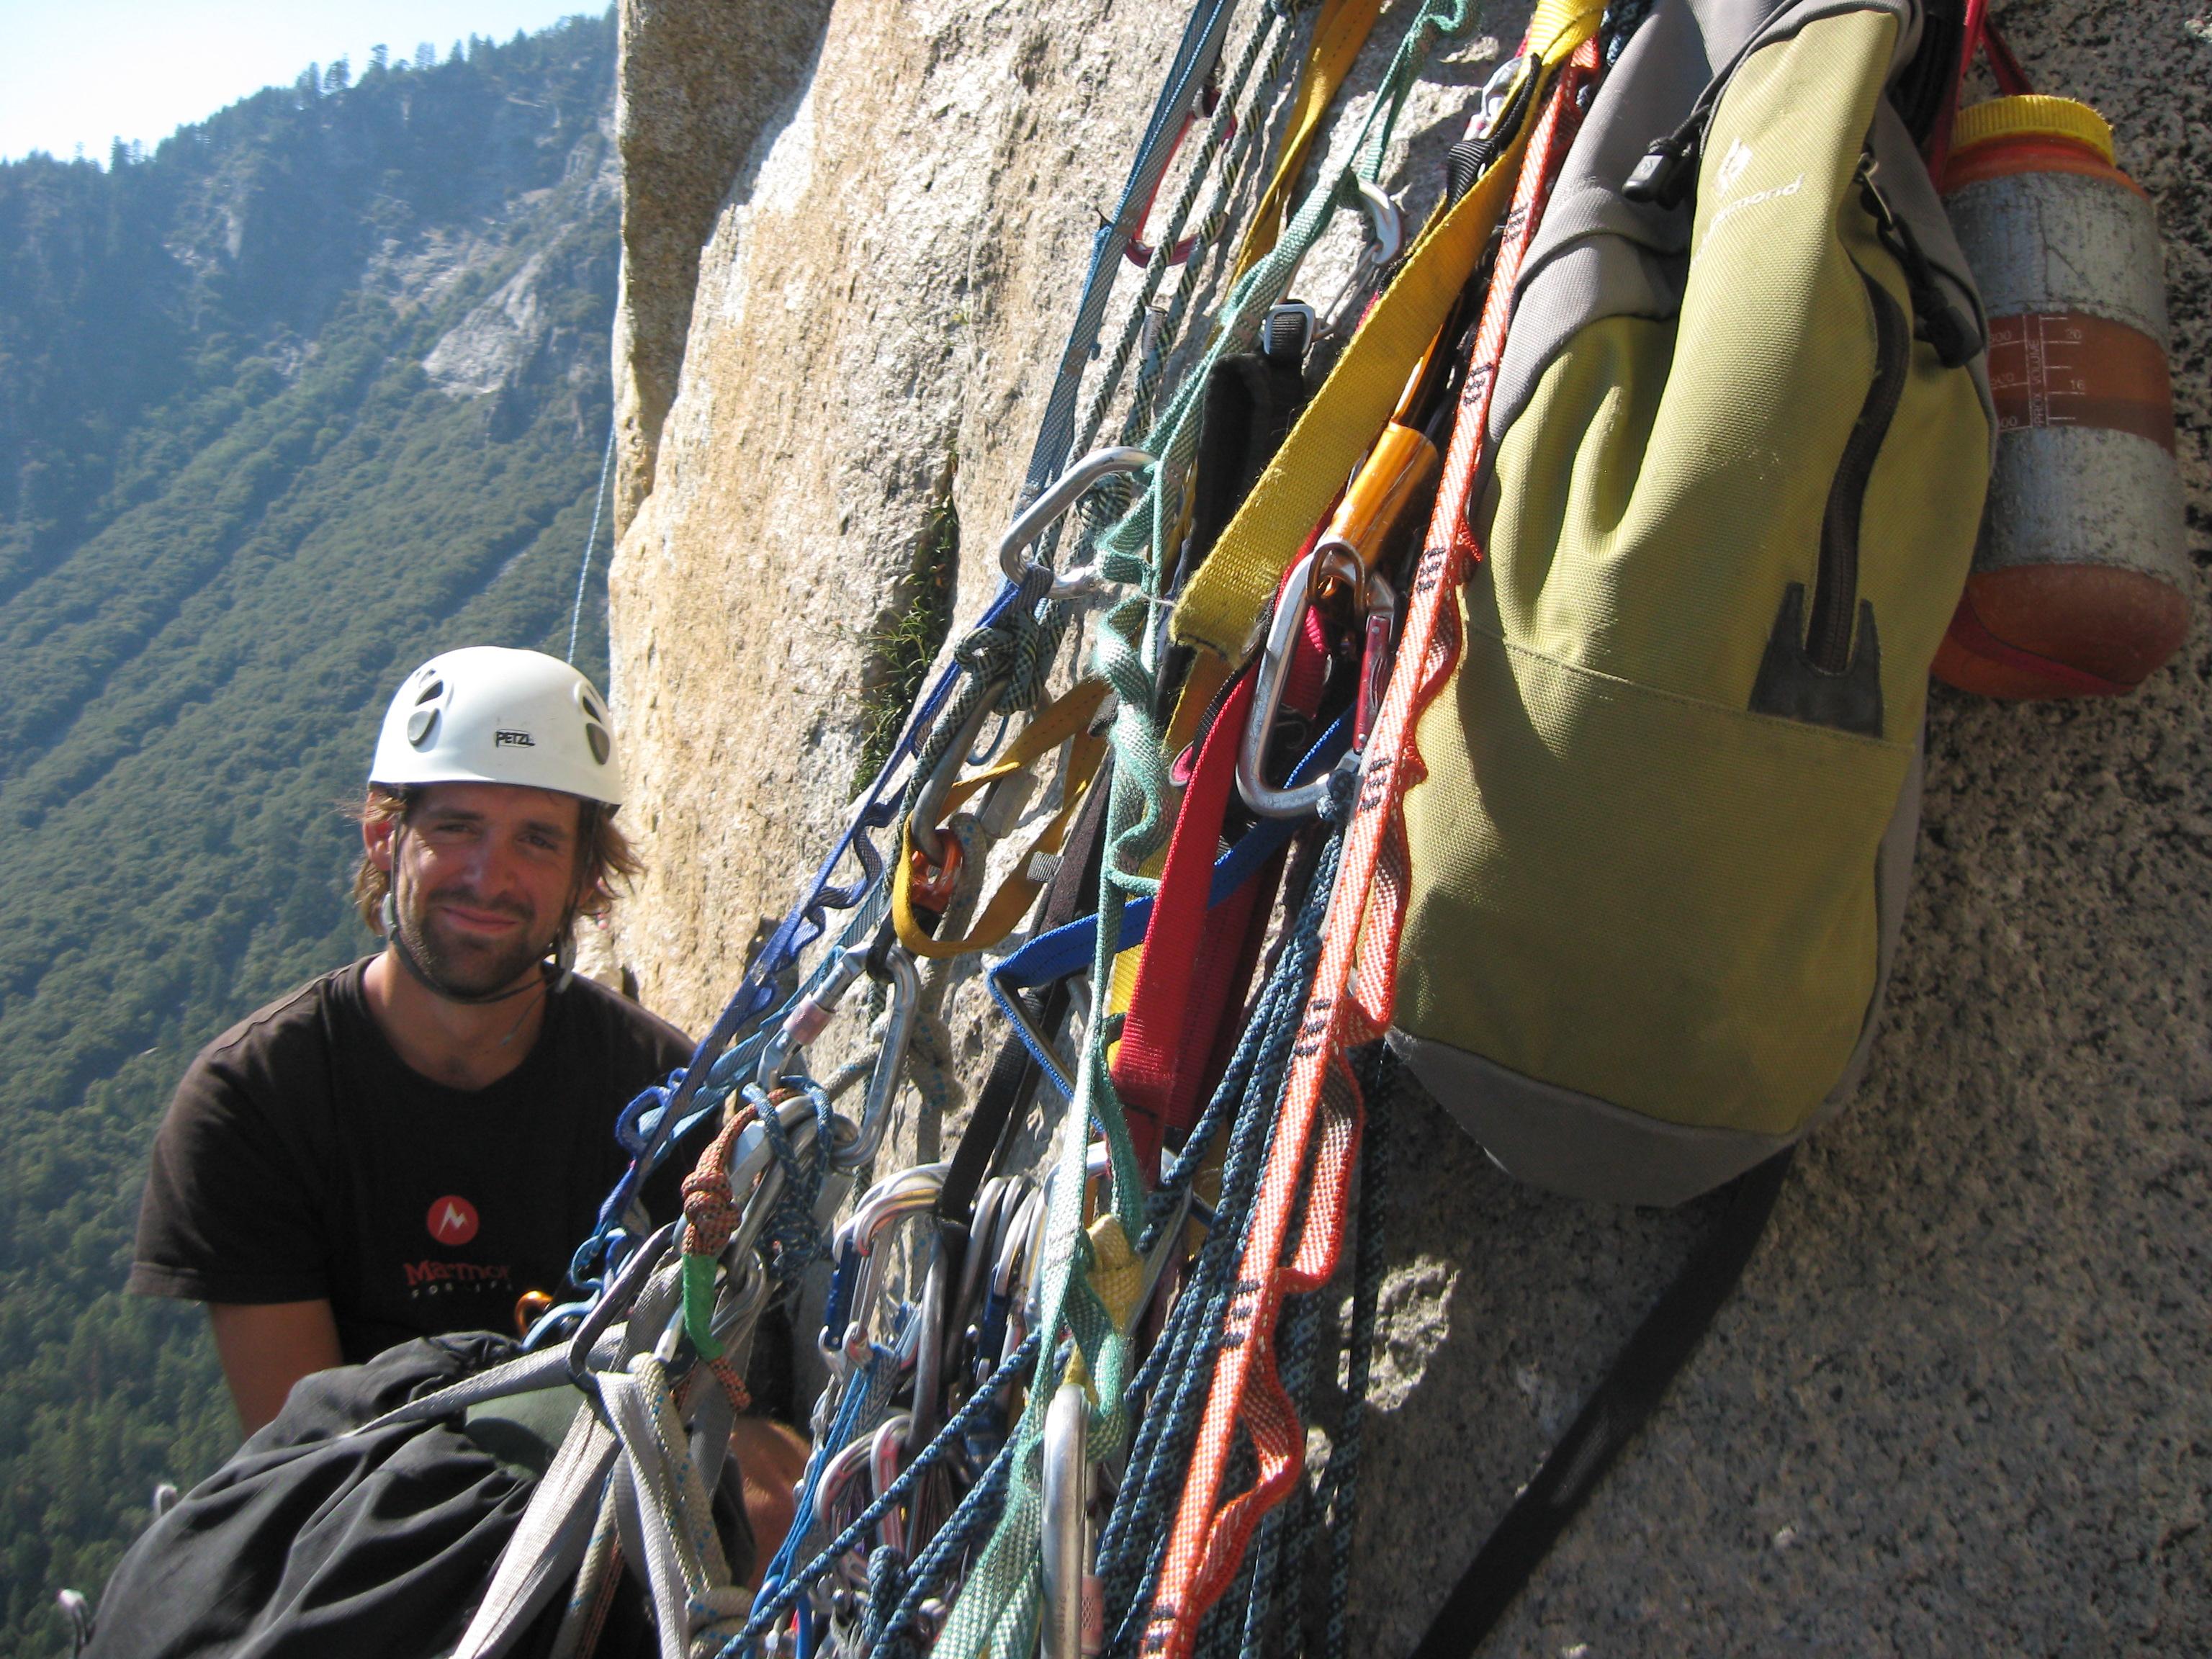 Big Wall climbing in Yosemite